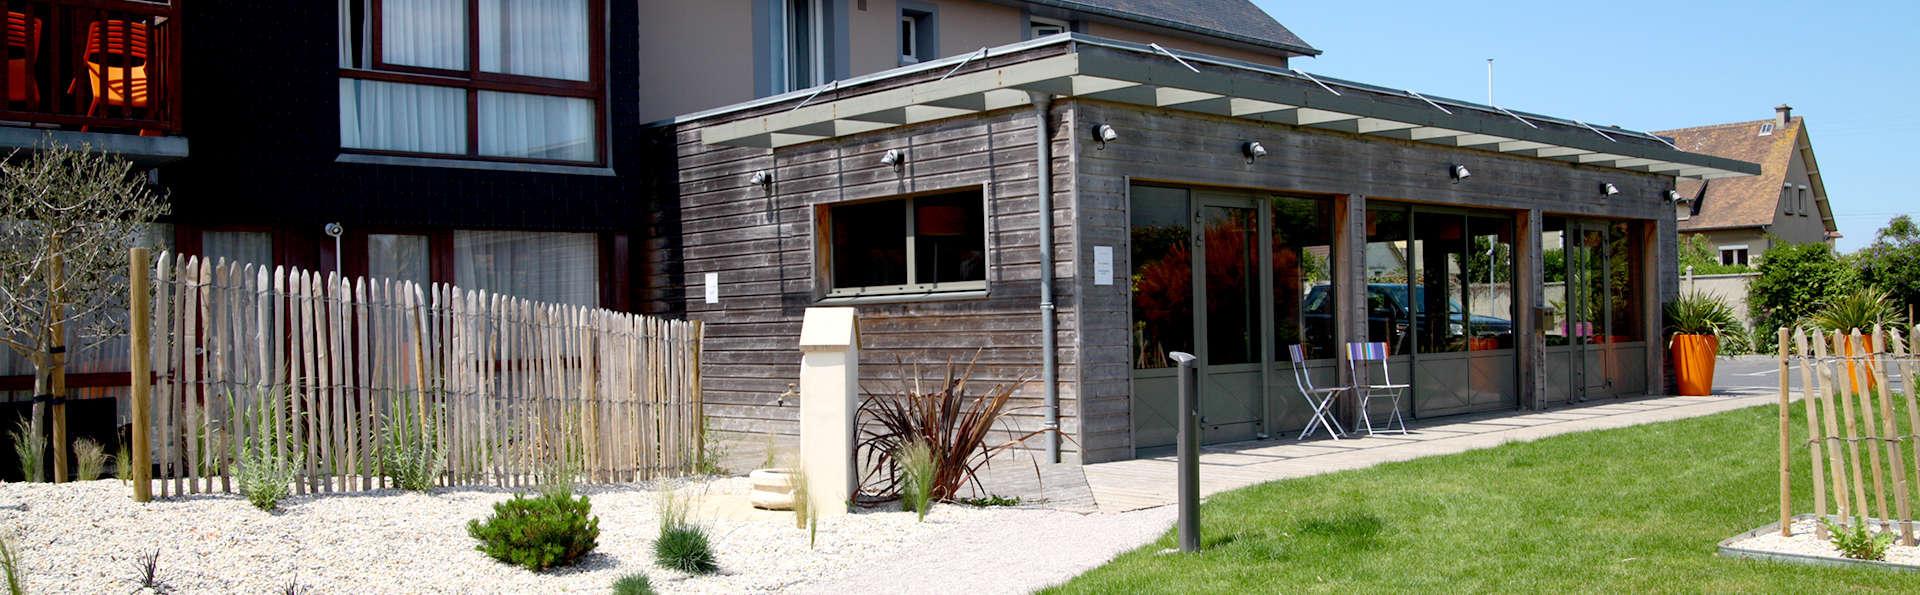 La Crémaillère Côté Mer et Hôtel Côté Jardin - Edit_front.jpg